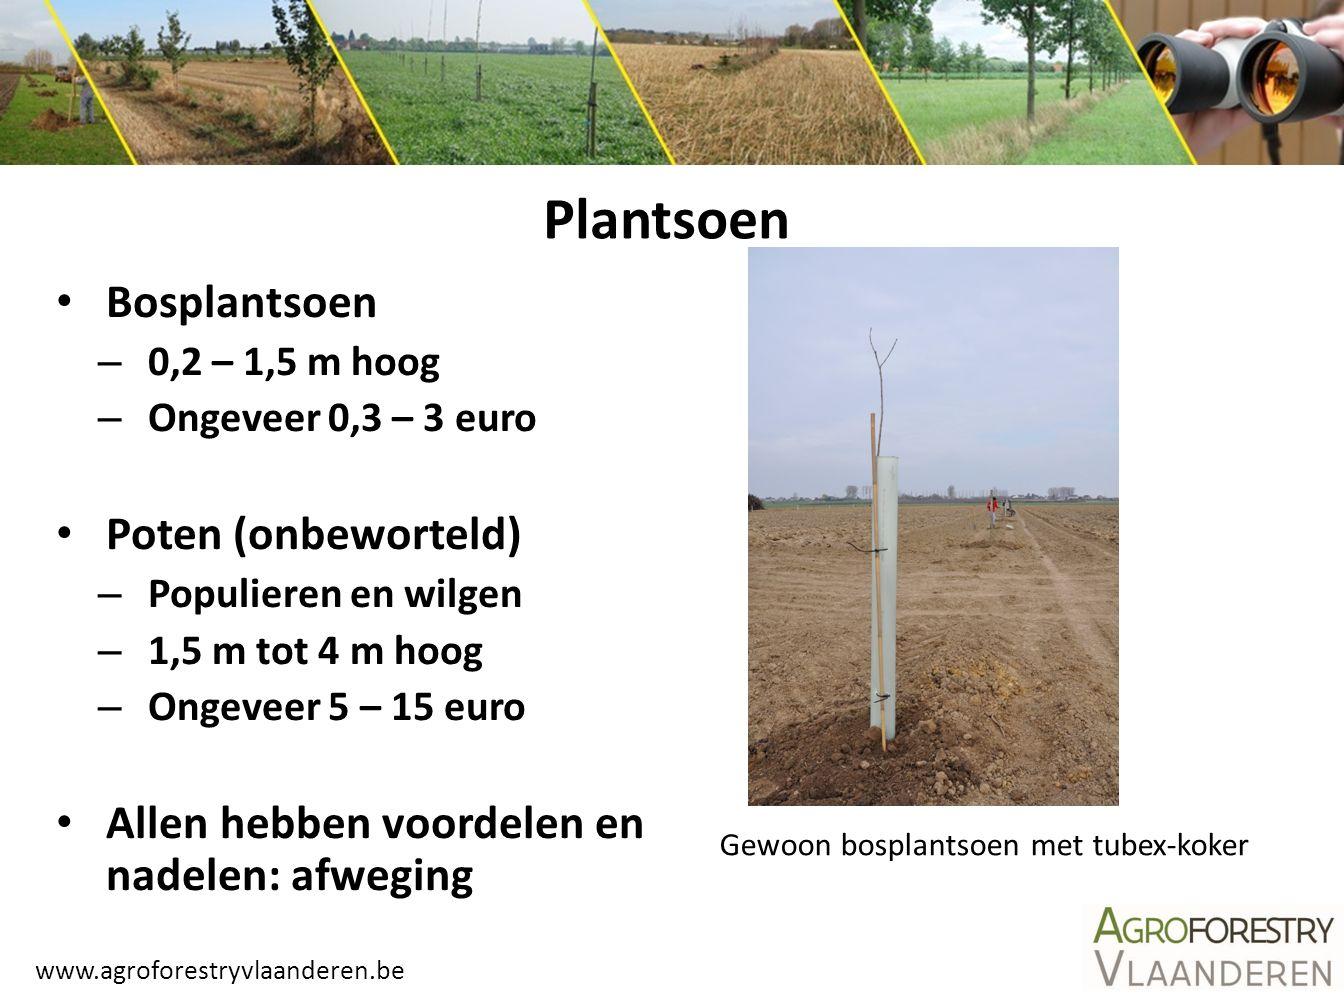 www.agroforestryvlaanderen.be Plantsoen Bosplantsoen – 0,2 – 1,5 m hoog – Ongeveer 0,3 – 3 euro Poten (onbeworteld) – Populieren en wilgen – 1,5 m tot